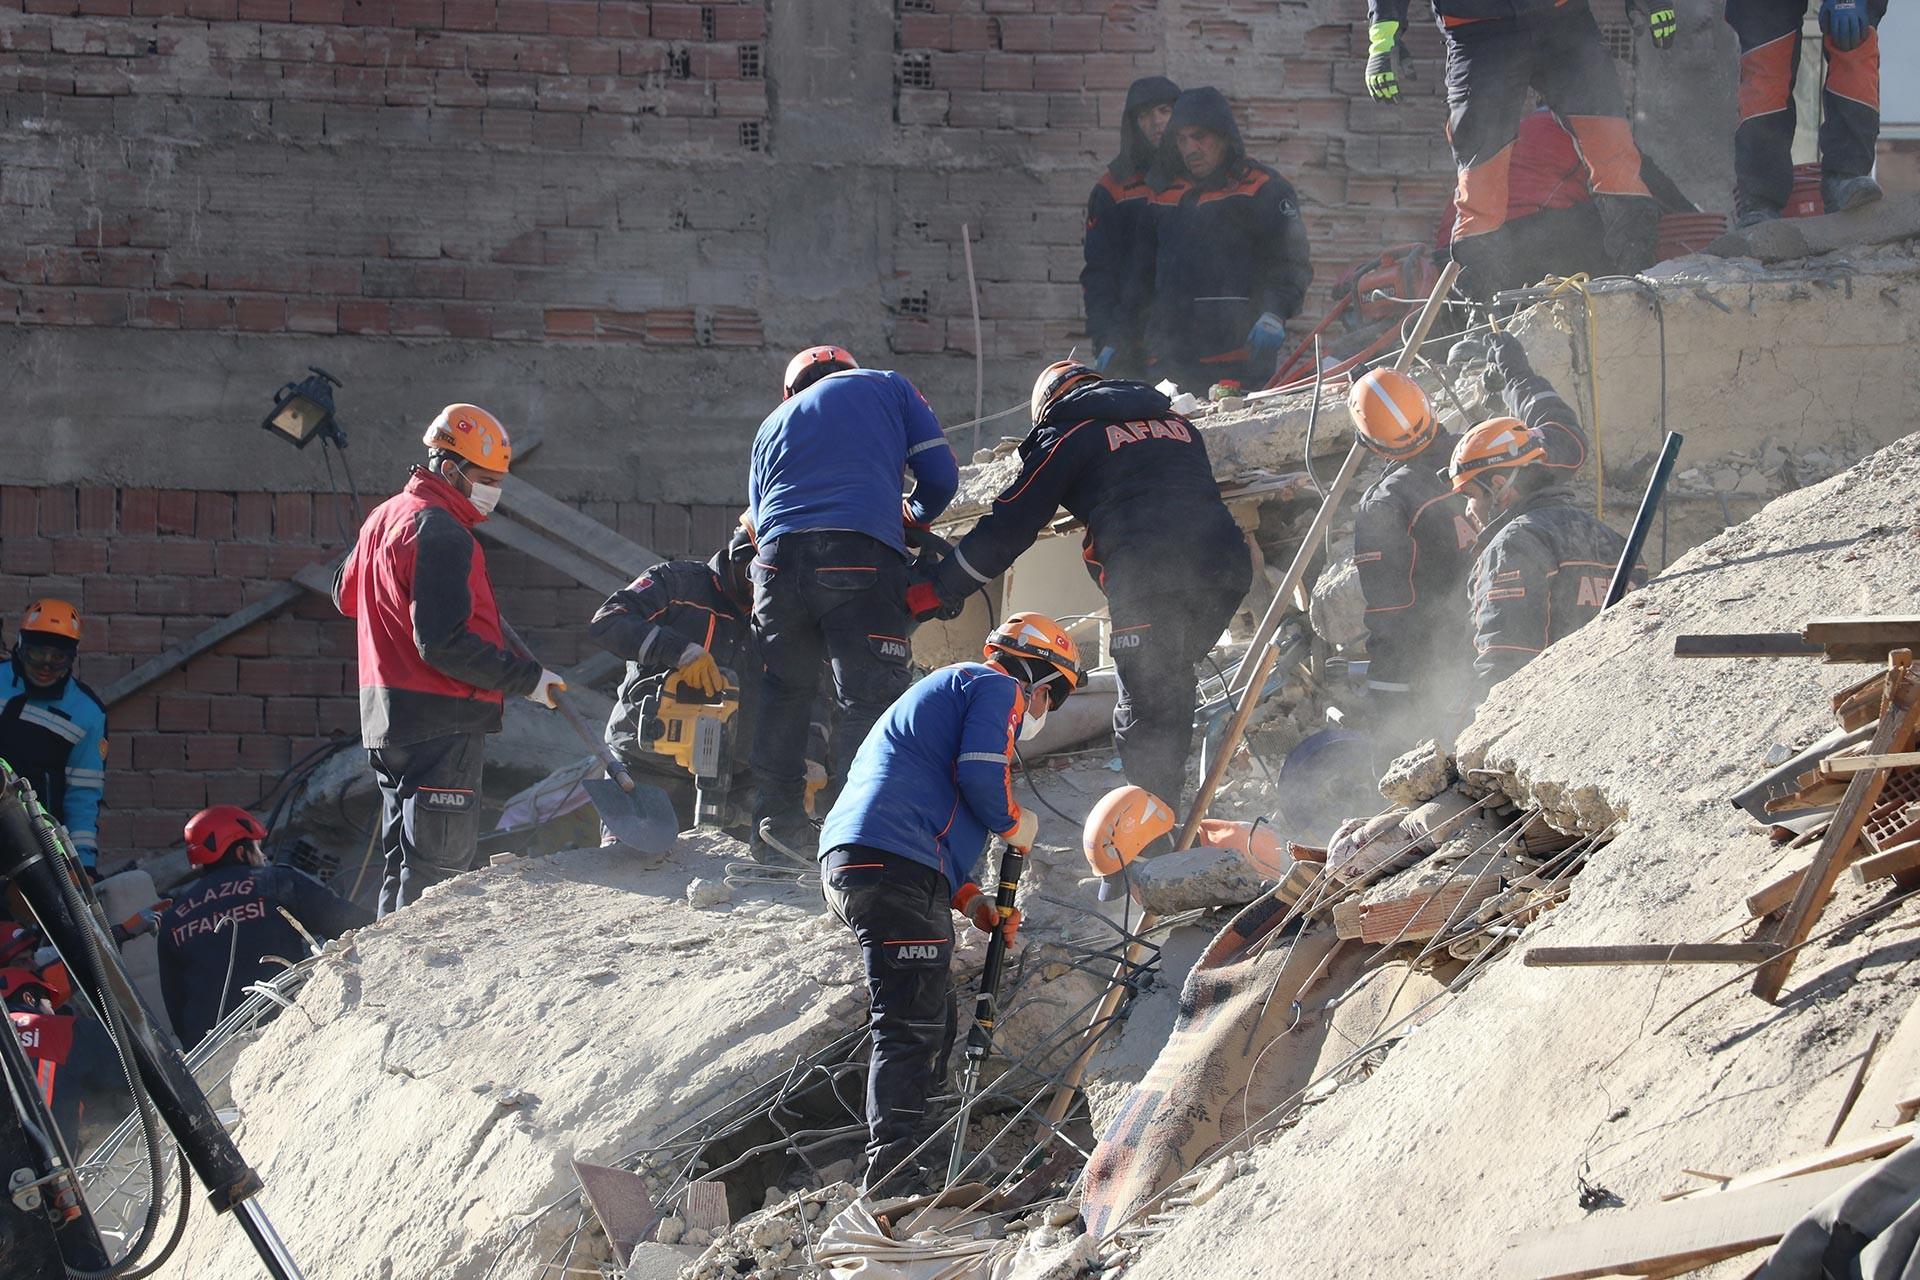 Elazığ'da gerçekleşen 6.8 büyüklüğündeki depremin ardından bir enkazda süren arama kurtarma çalışmalarından bir kare